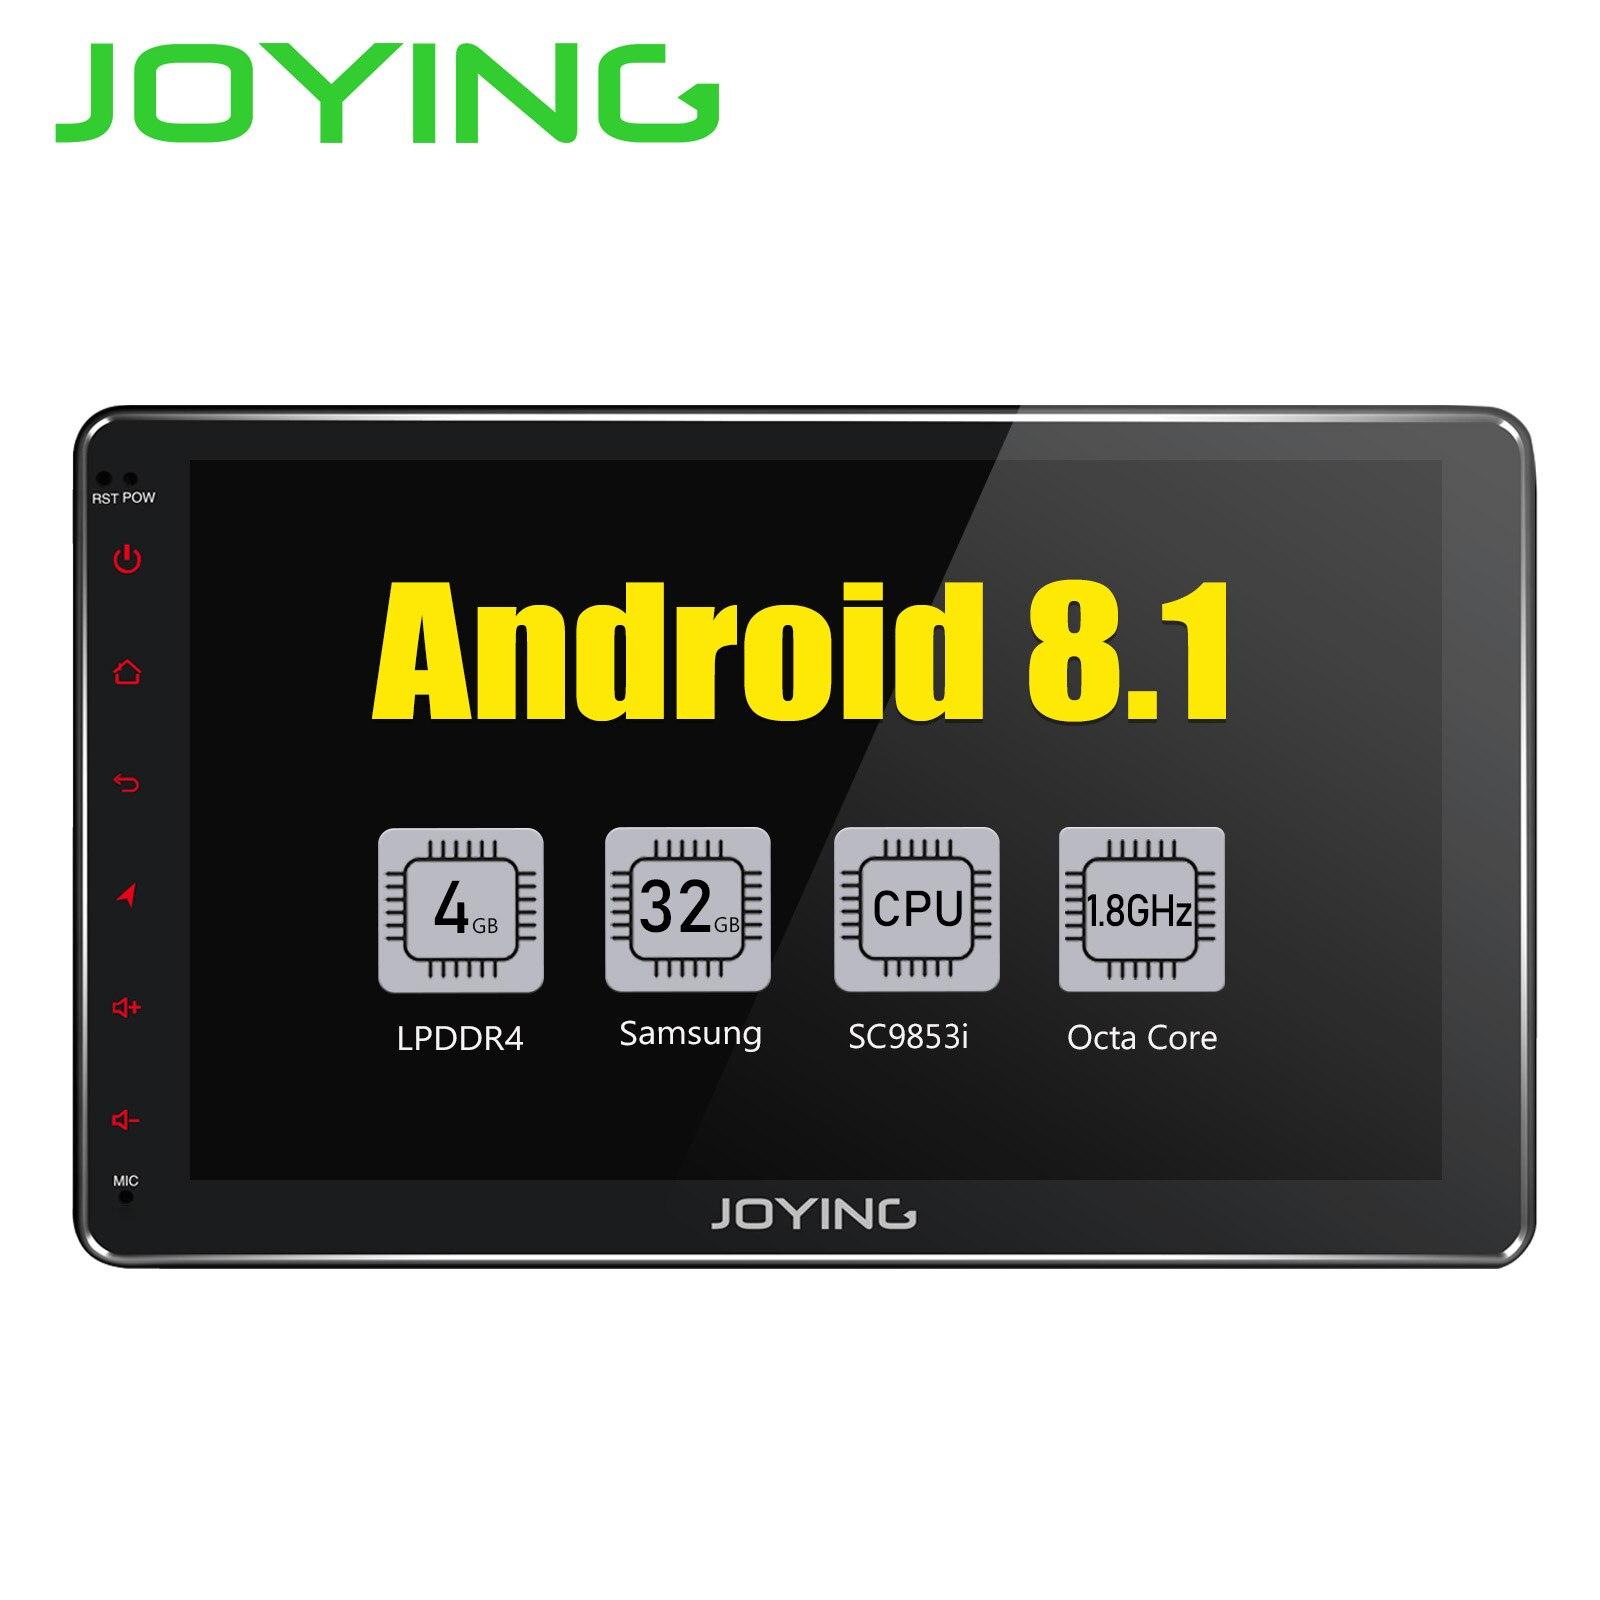 2 JOYING Android 8.1 din Autoradio Stereo Multimedia Player de Rádio GPS 10.1 ''Tela IPS HD Unidade de Cabeça com DSP octa Núcleo 4 GB de RAM